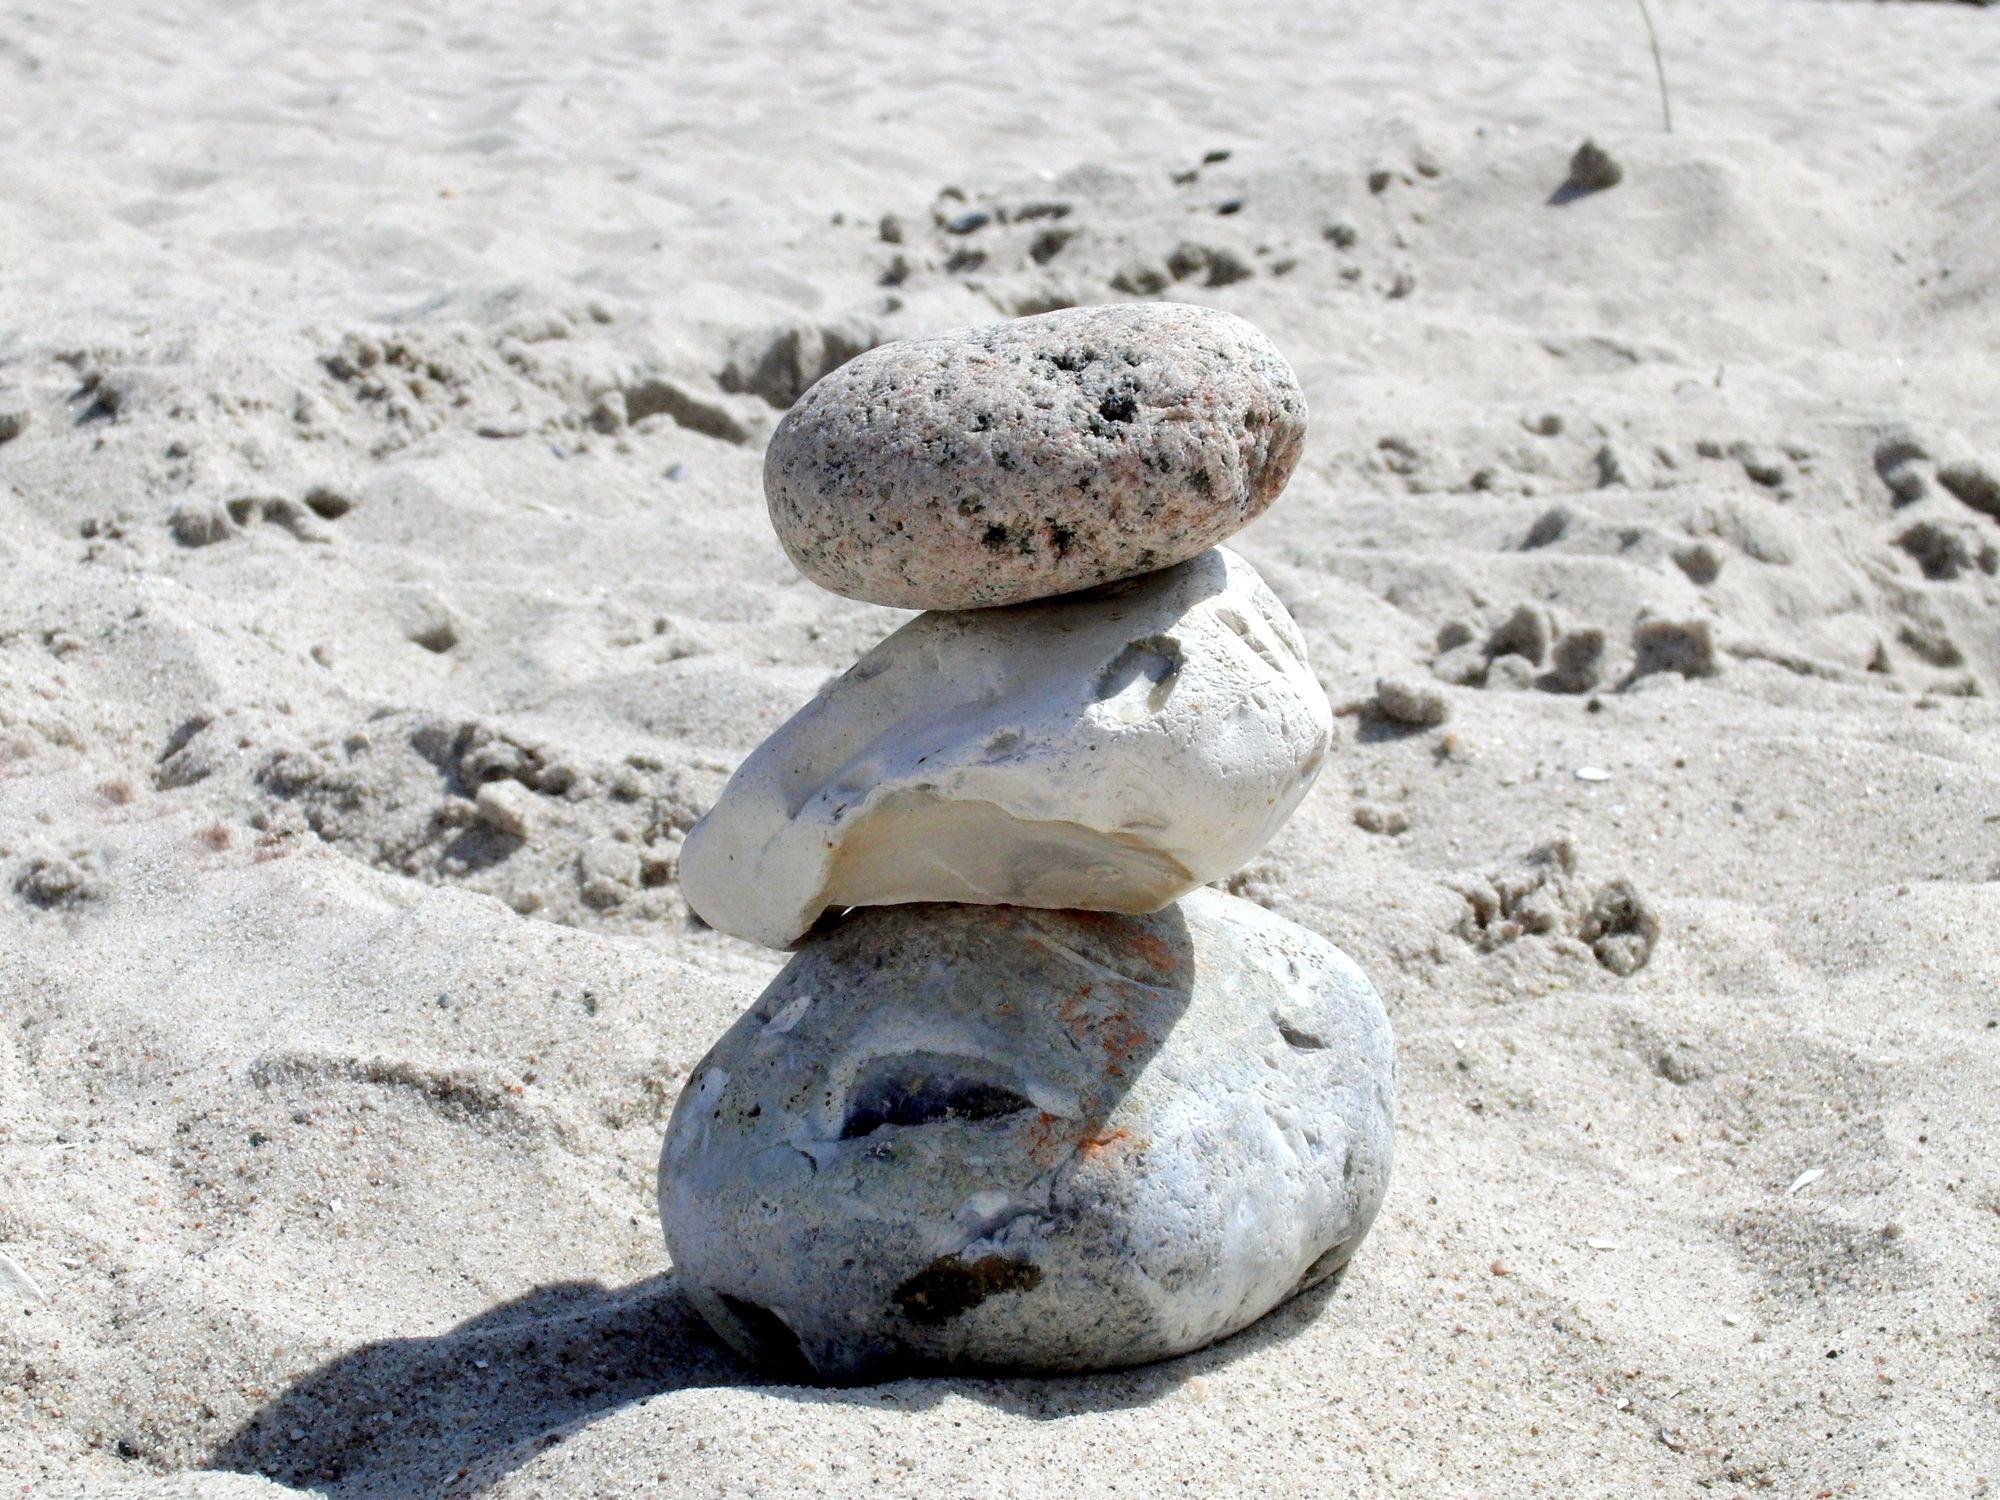 Bild mit Gegenstände, Natur, Landschaften, Felsen, Materialien, Stein, Sand, Steine